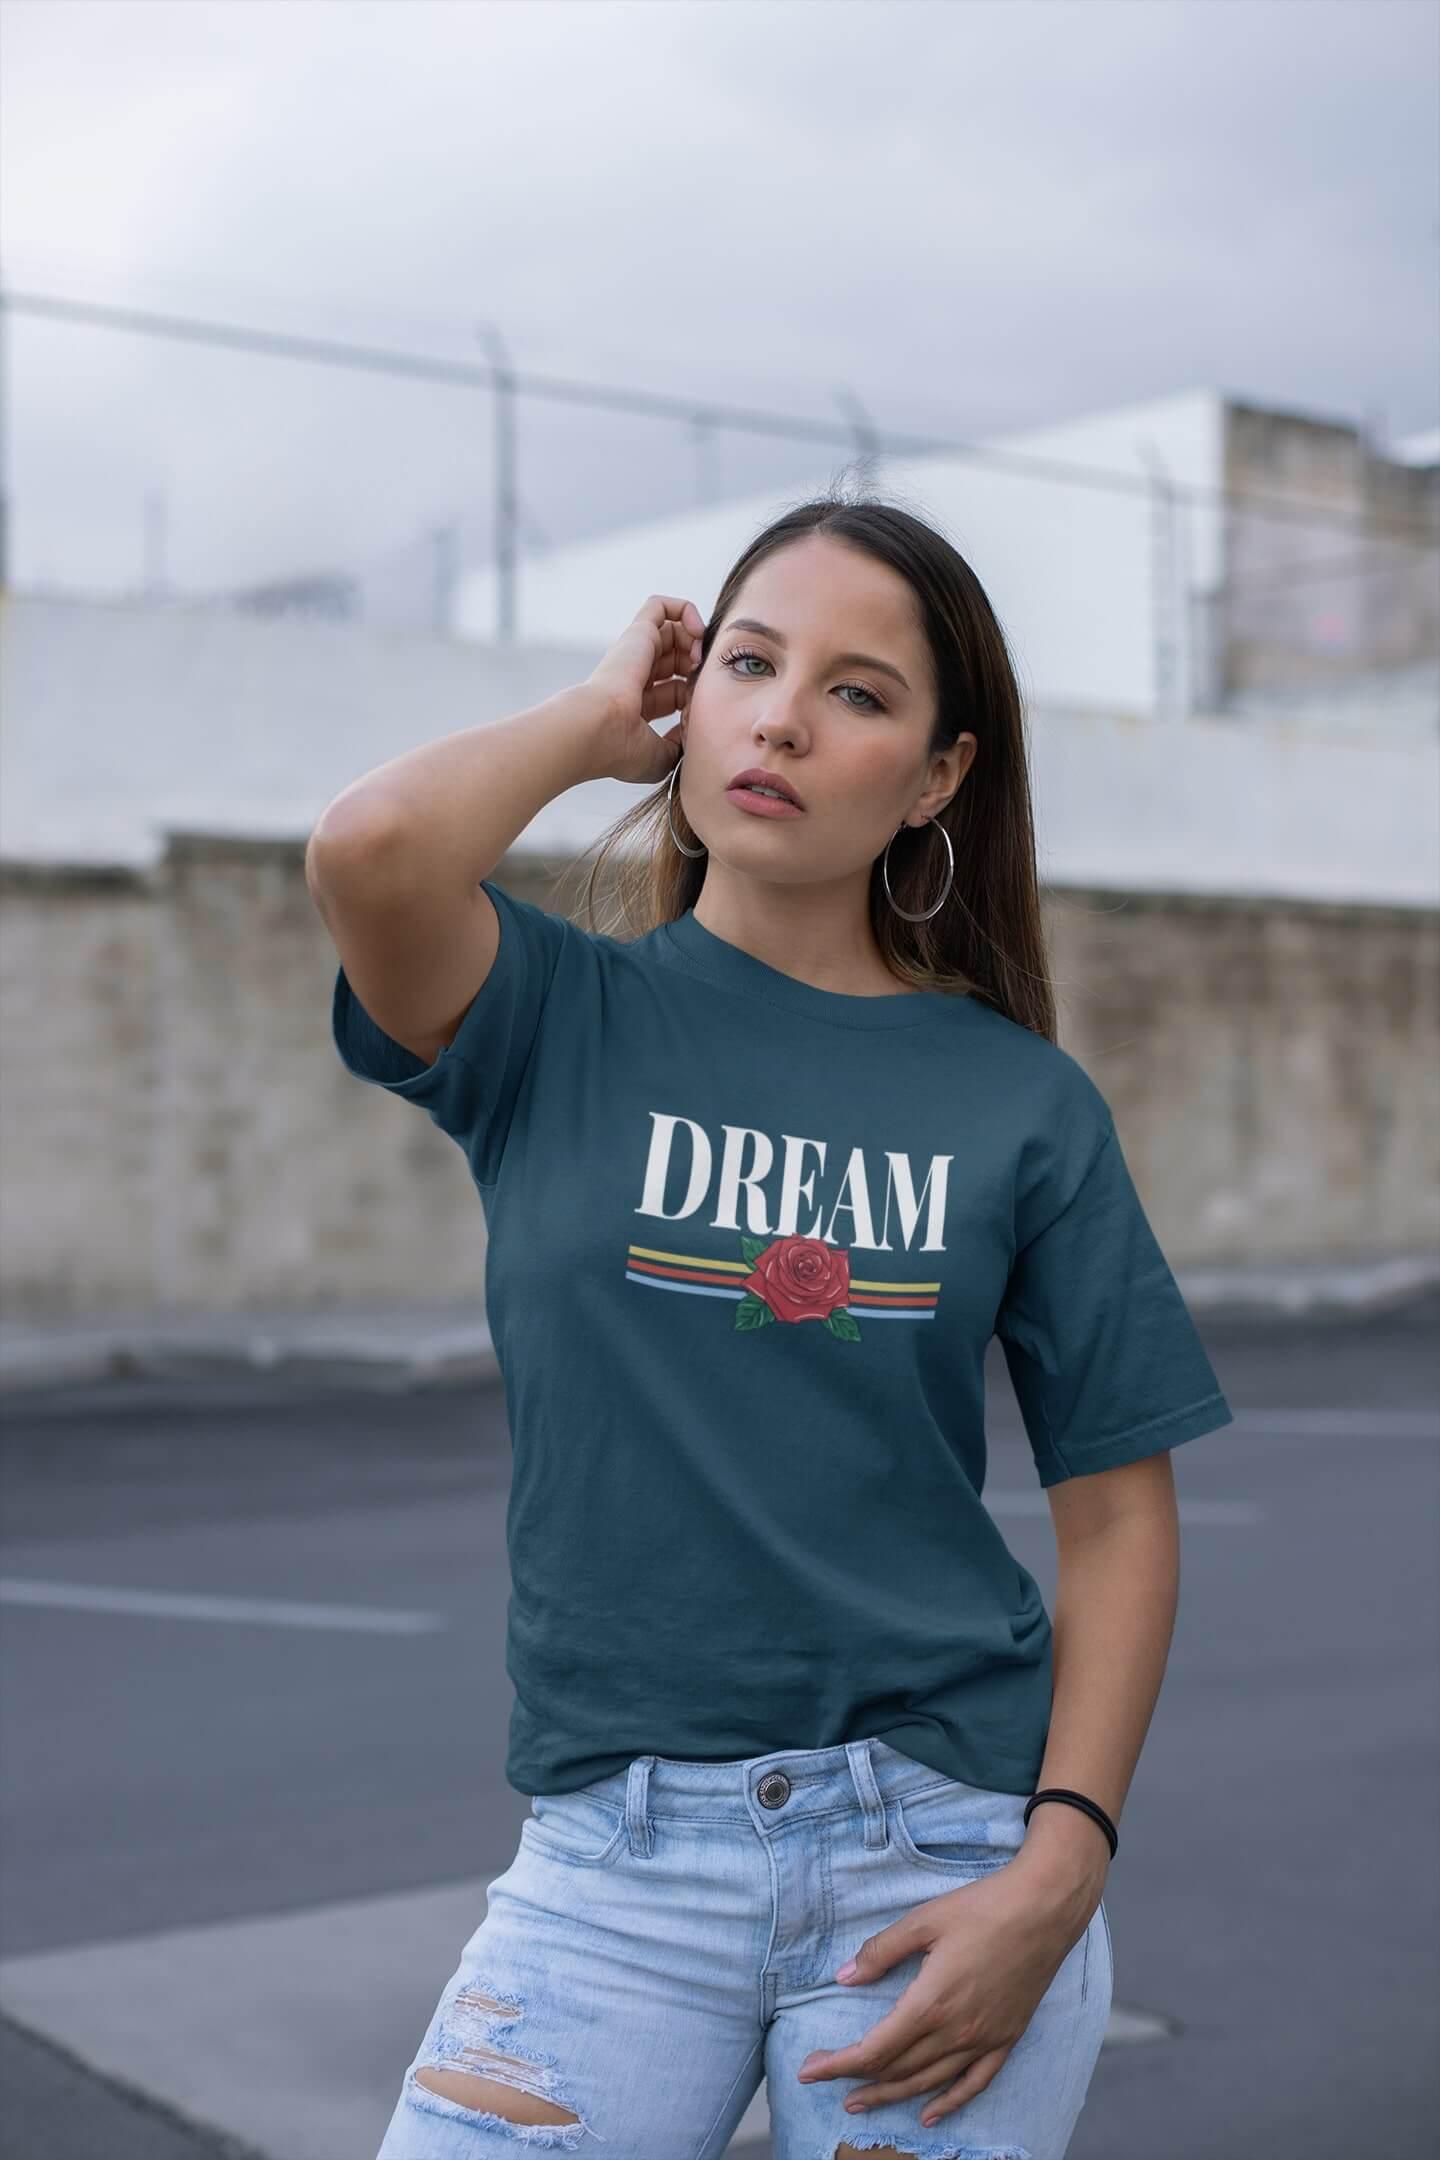 MMO Dámske tričko Dream Vyberte farbu: Petrolejová modrá, Vyberte veľkosť: M